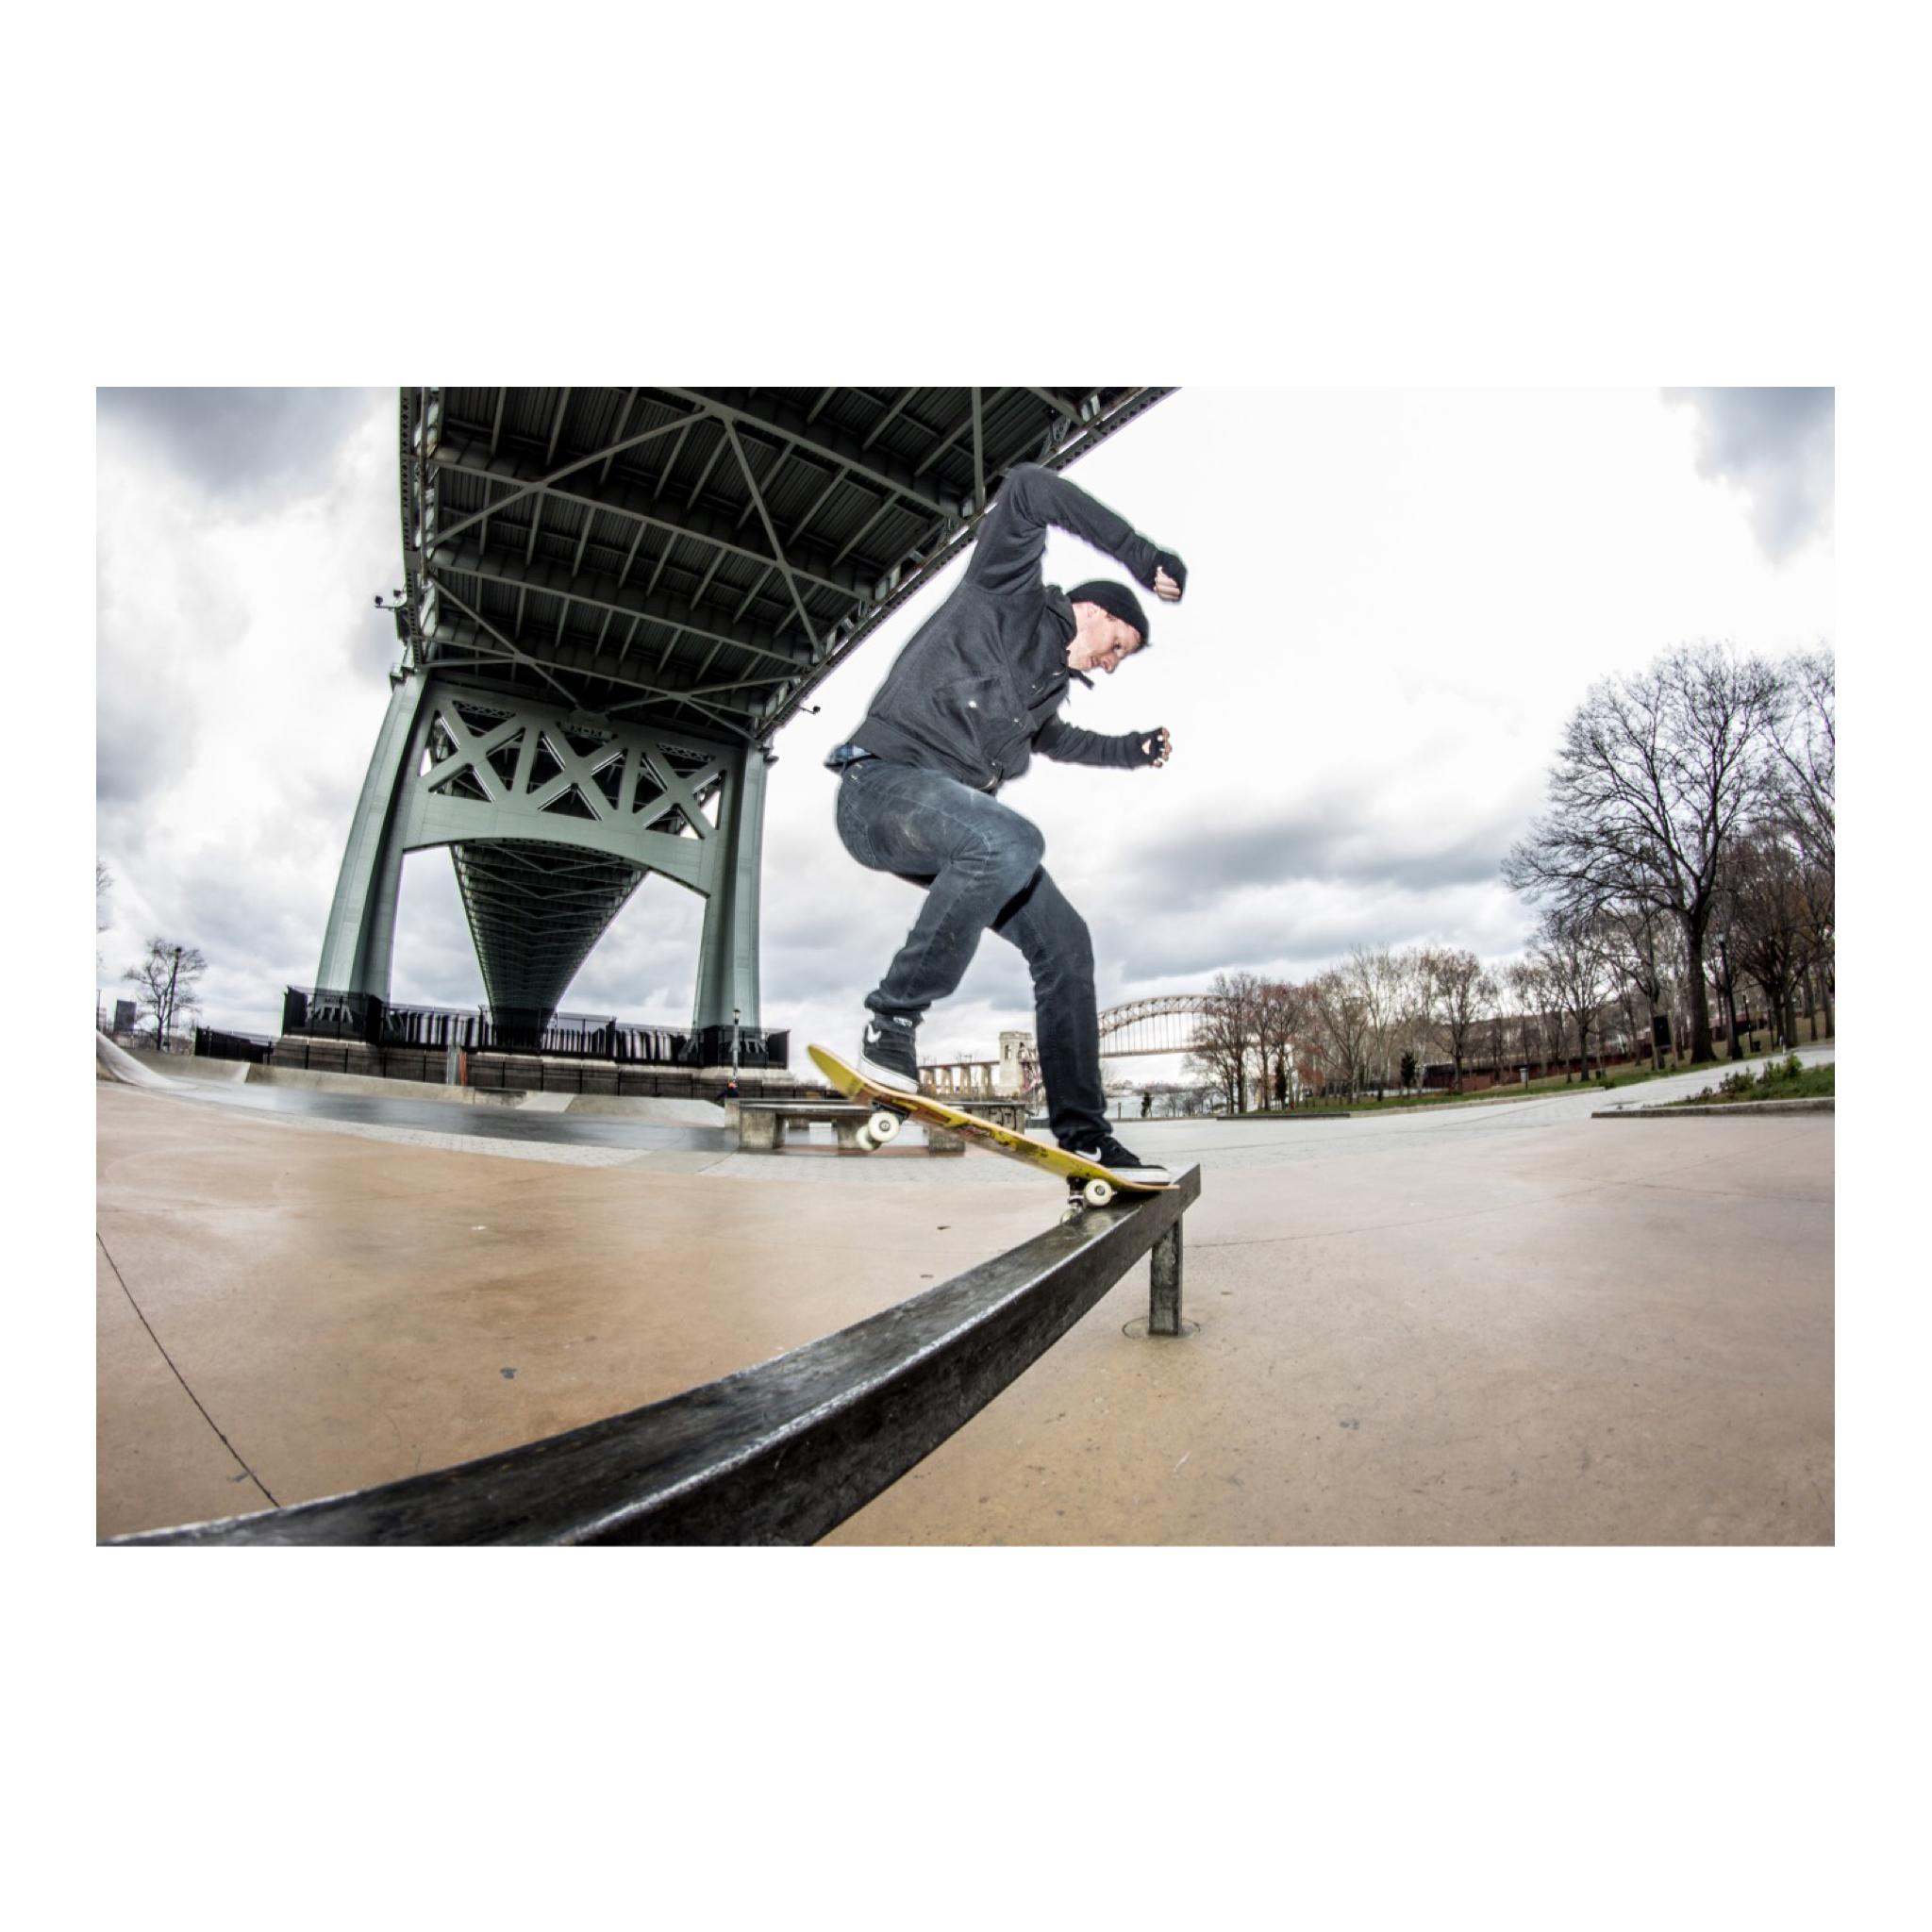 Frontside Crooked Grind  -Mike Grosshandler  -Astoria Park SkatePark  #skateboarding #DolaVisionPhotography